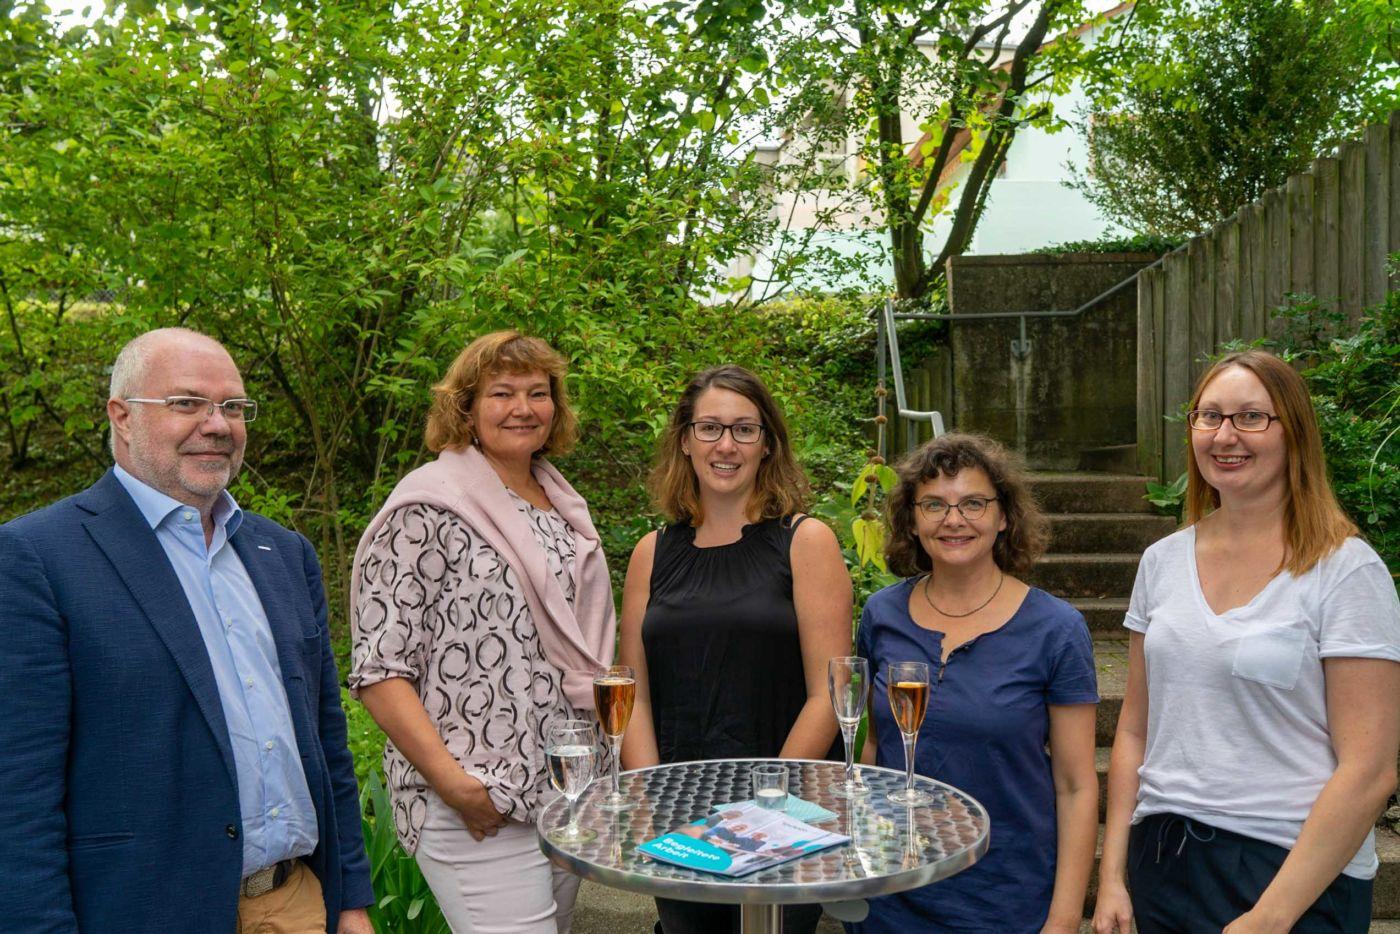 Gemütliches Sommerfest in der Wohngruppe Niederdorf | Aktuelles von inclusioplus · Arbeiten und Wohnen mitten in der Gesellschaft